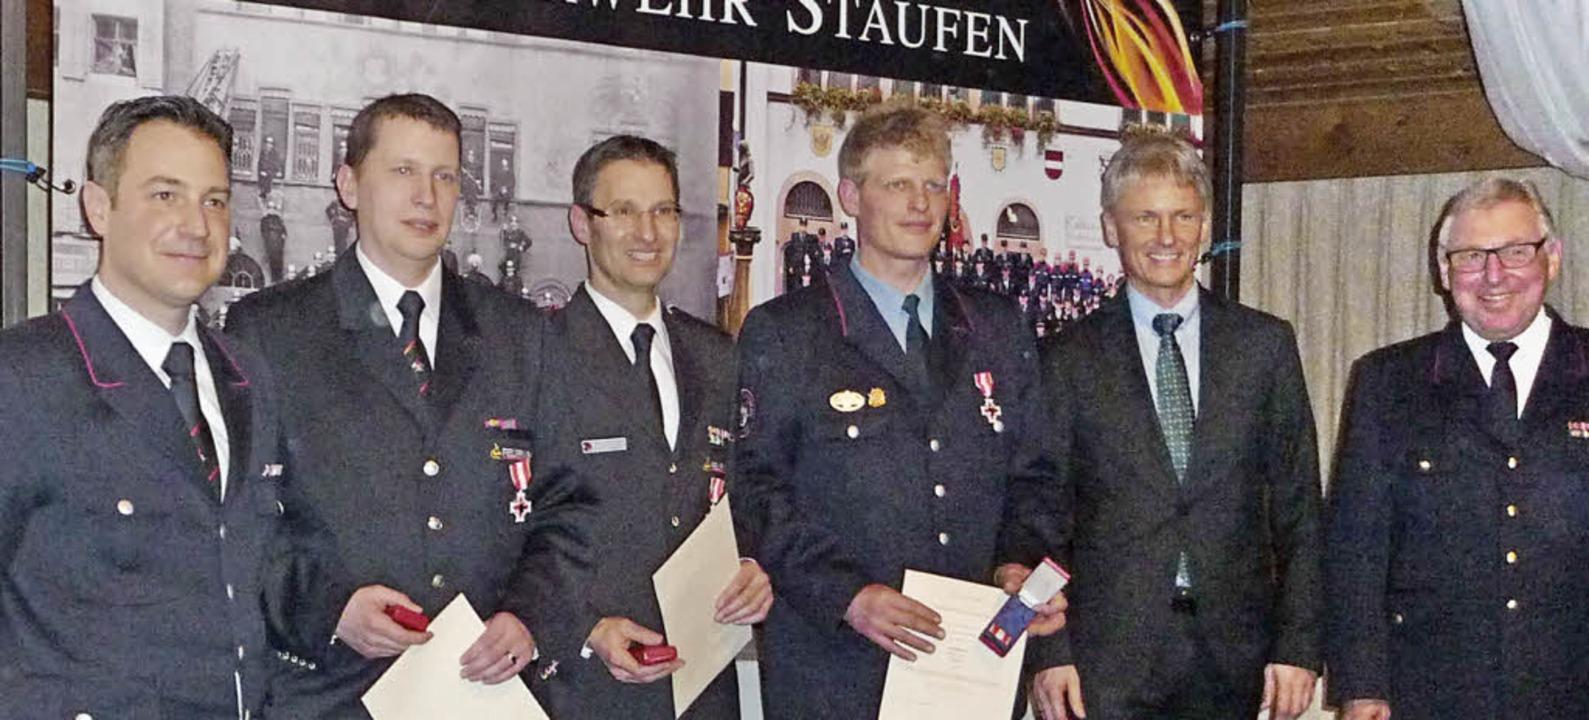 Ehrungen: Kreisbrandmeister Alexander ...das Feuerwehr-Ehrenzeichen in Silber.   | Foto: Manfred Burkert